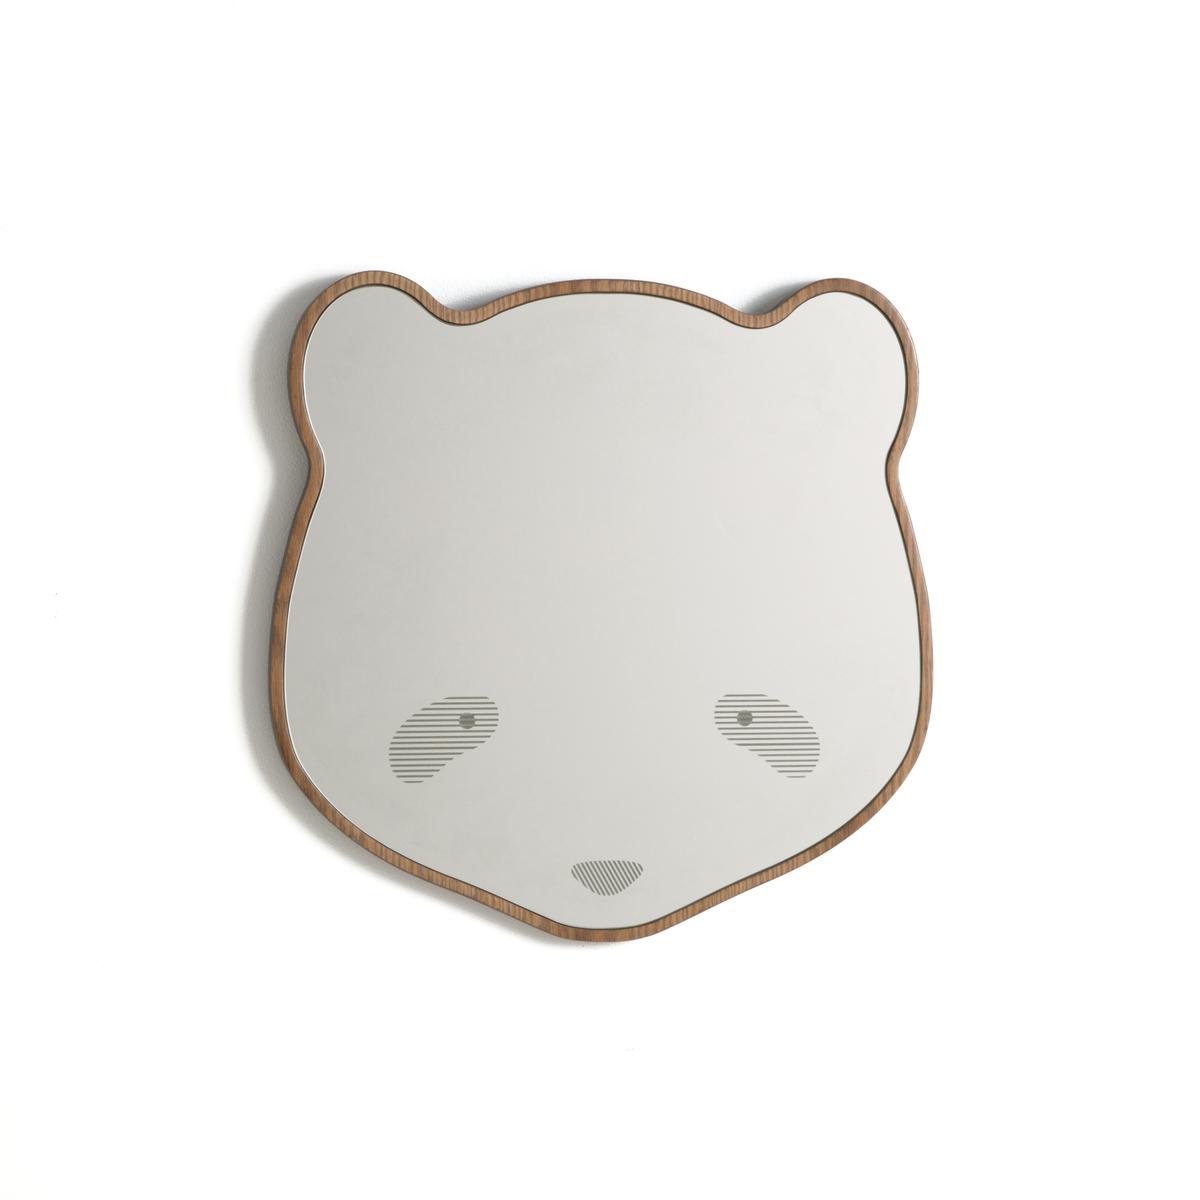 Зеркало в форме головы панды Pandam